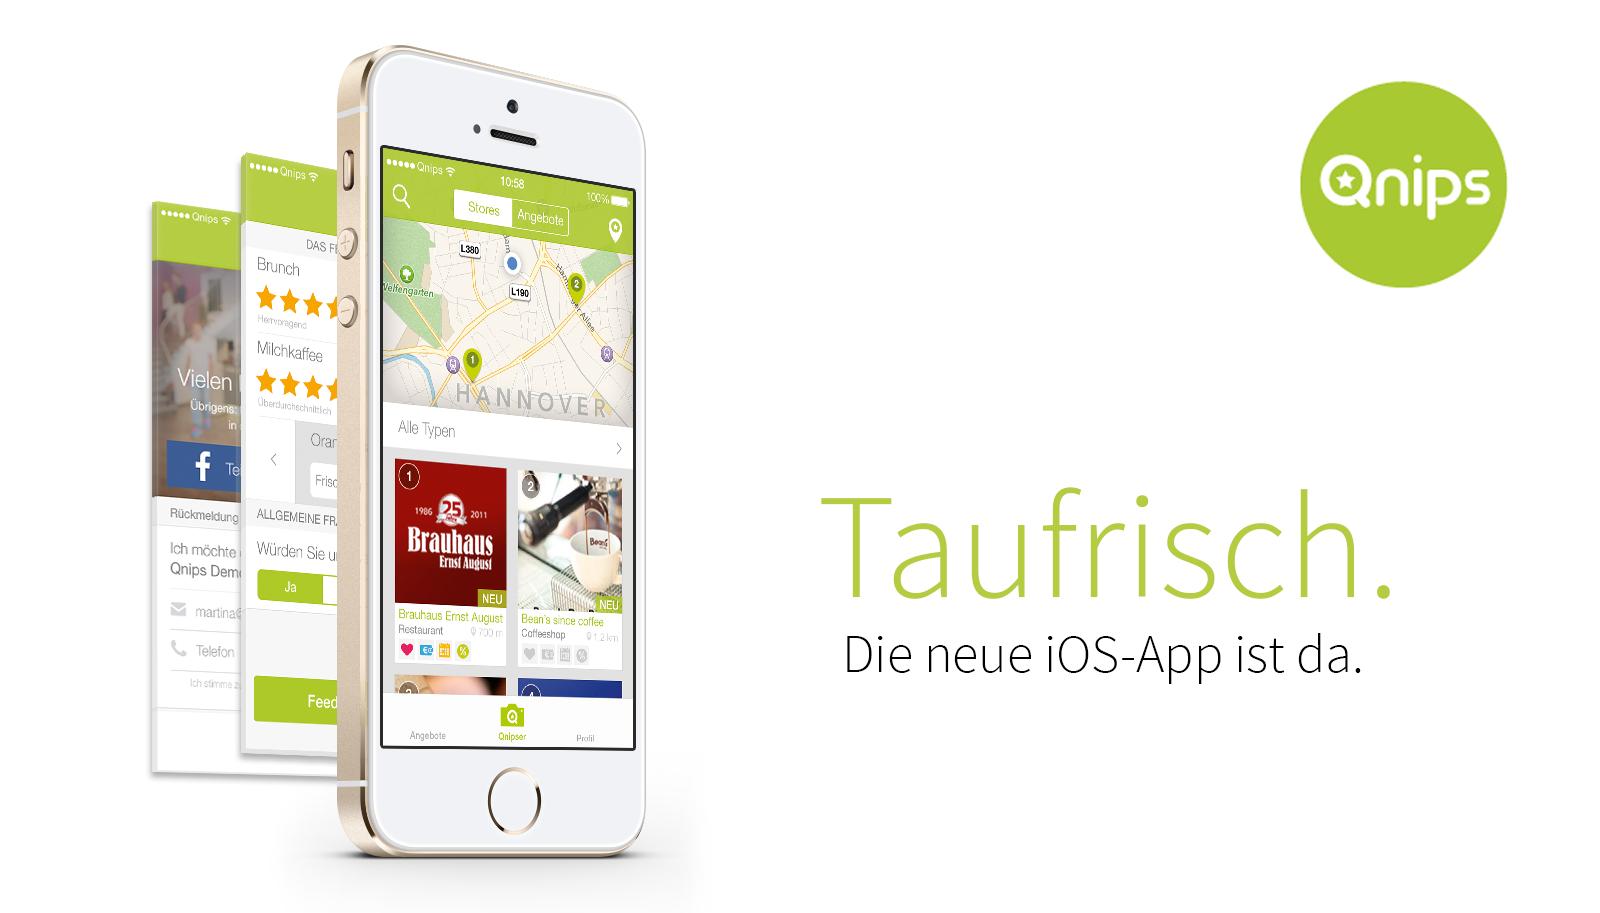 iOS_App_Taufrisch